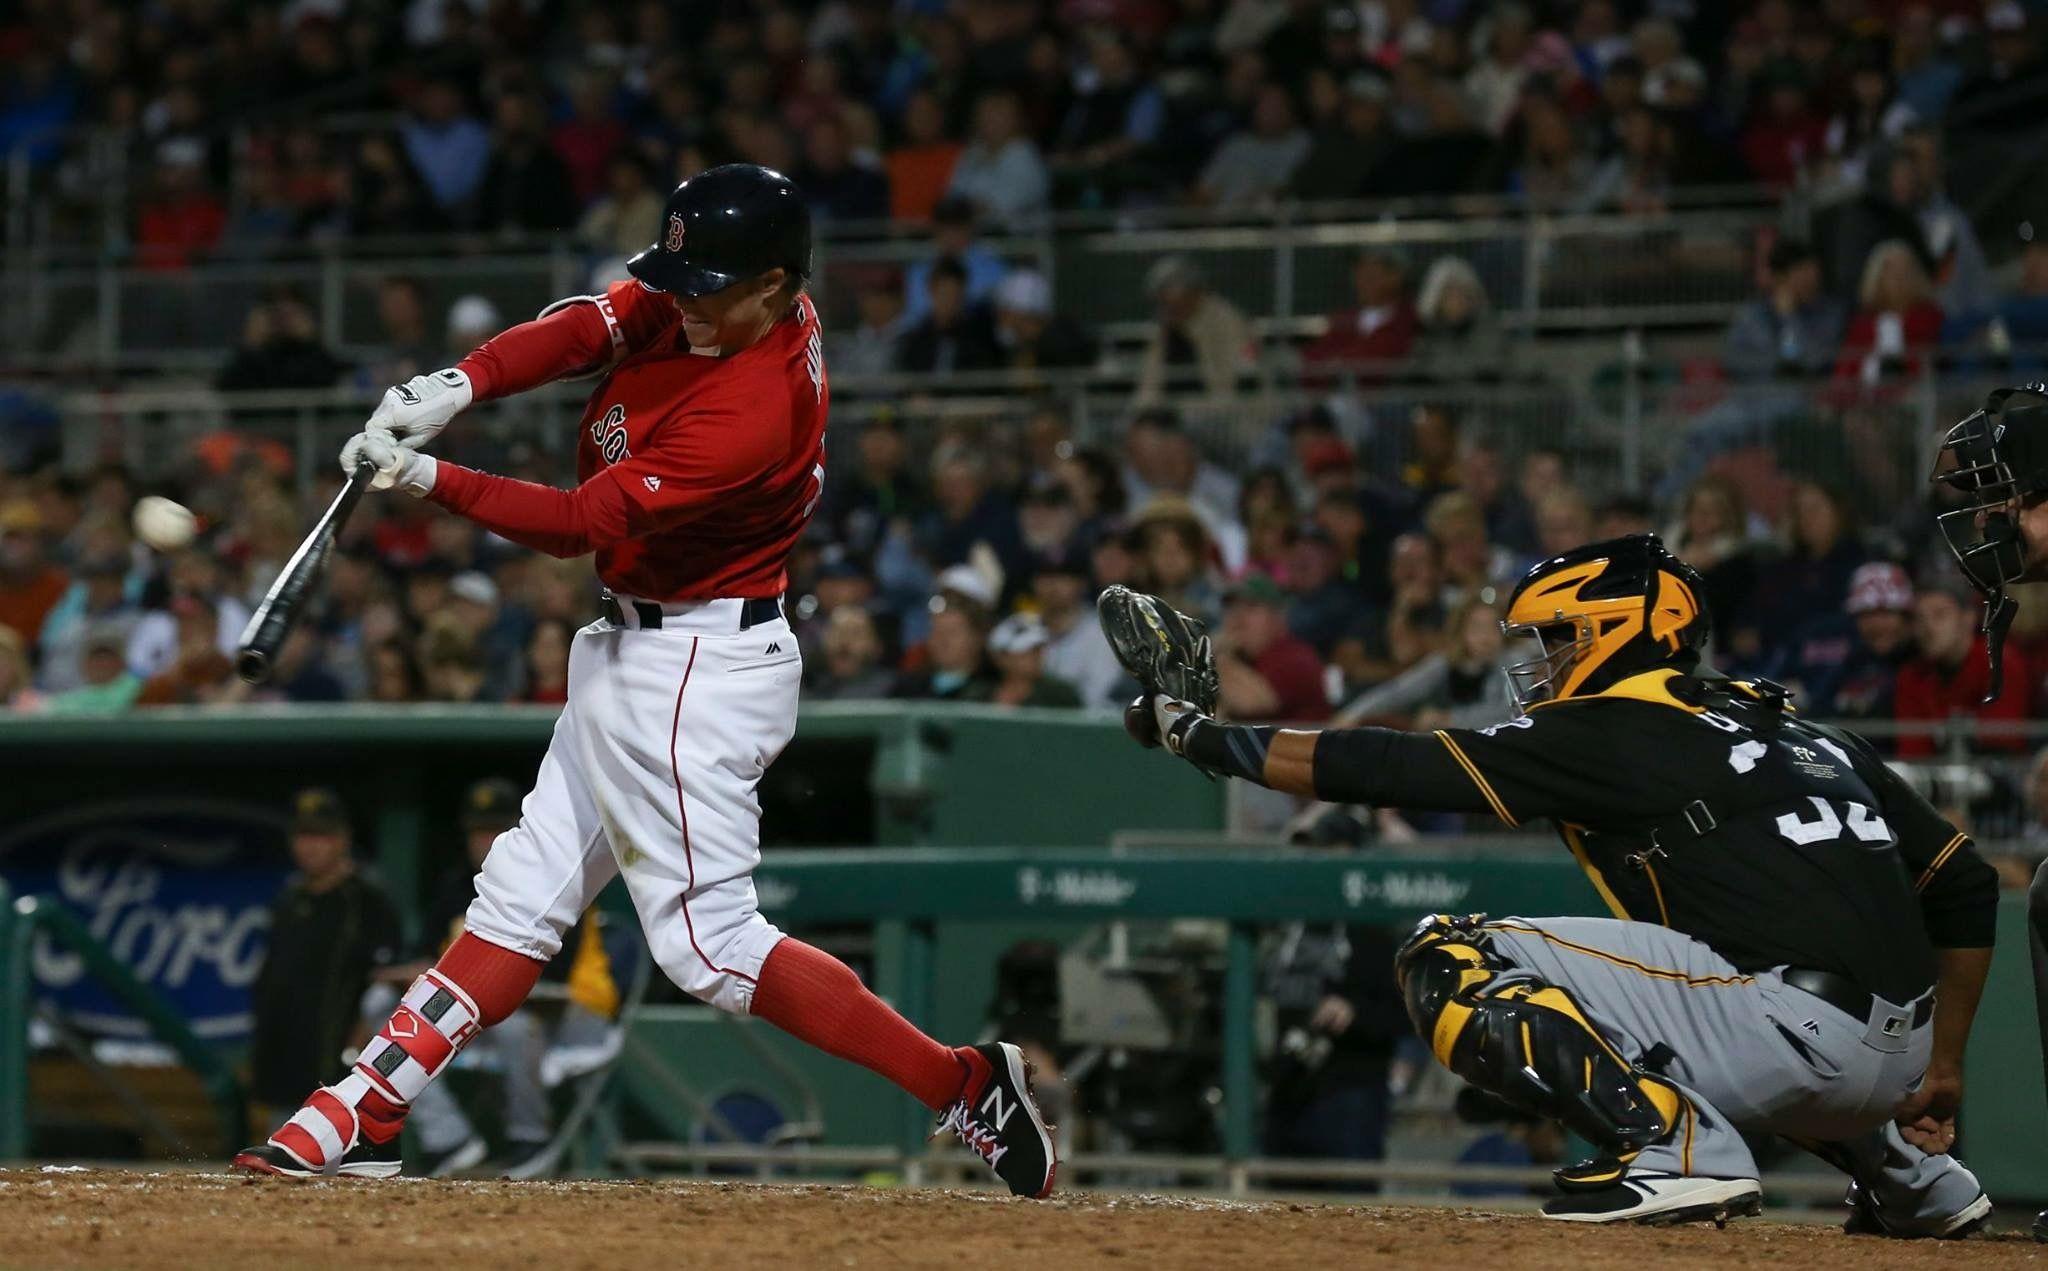 Image by Rebekah T on Boston Sports Boston sports, Sports